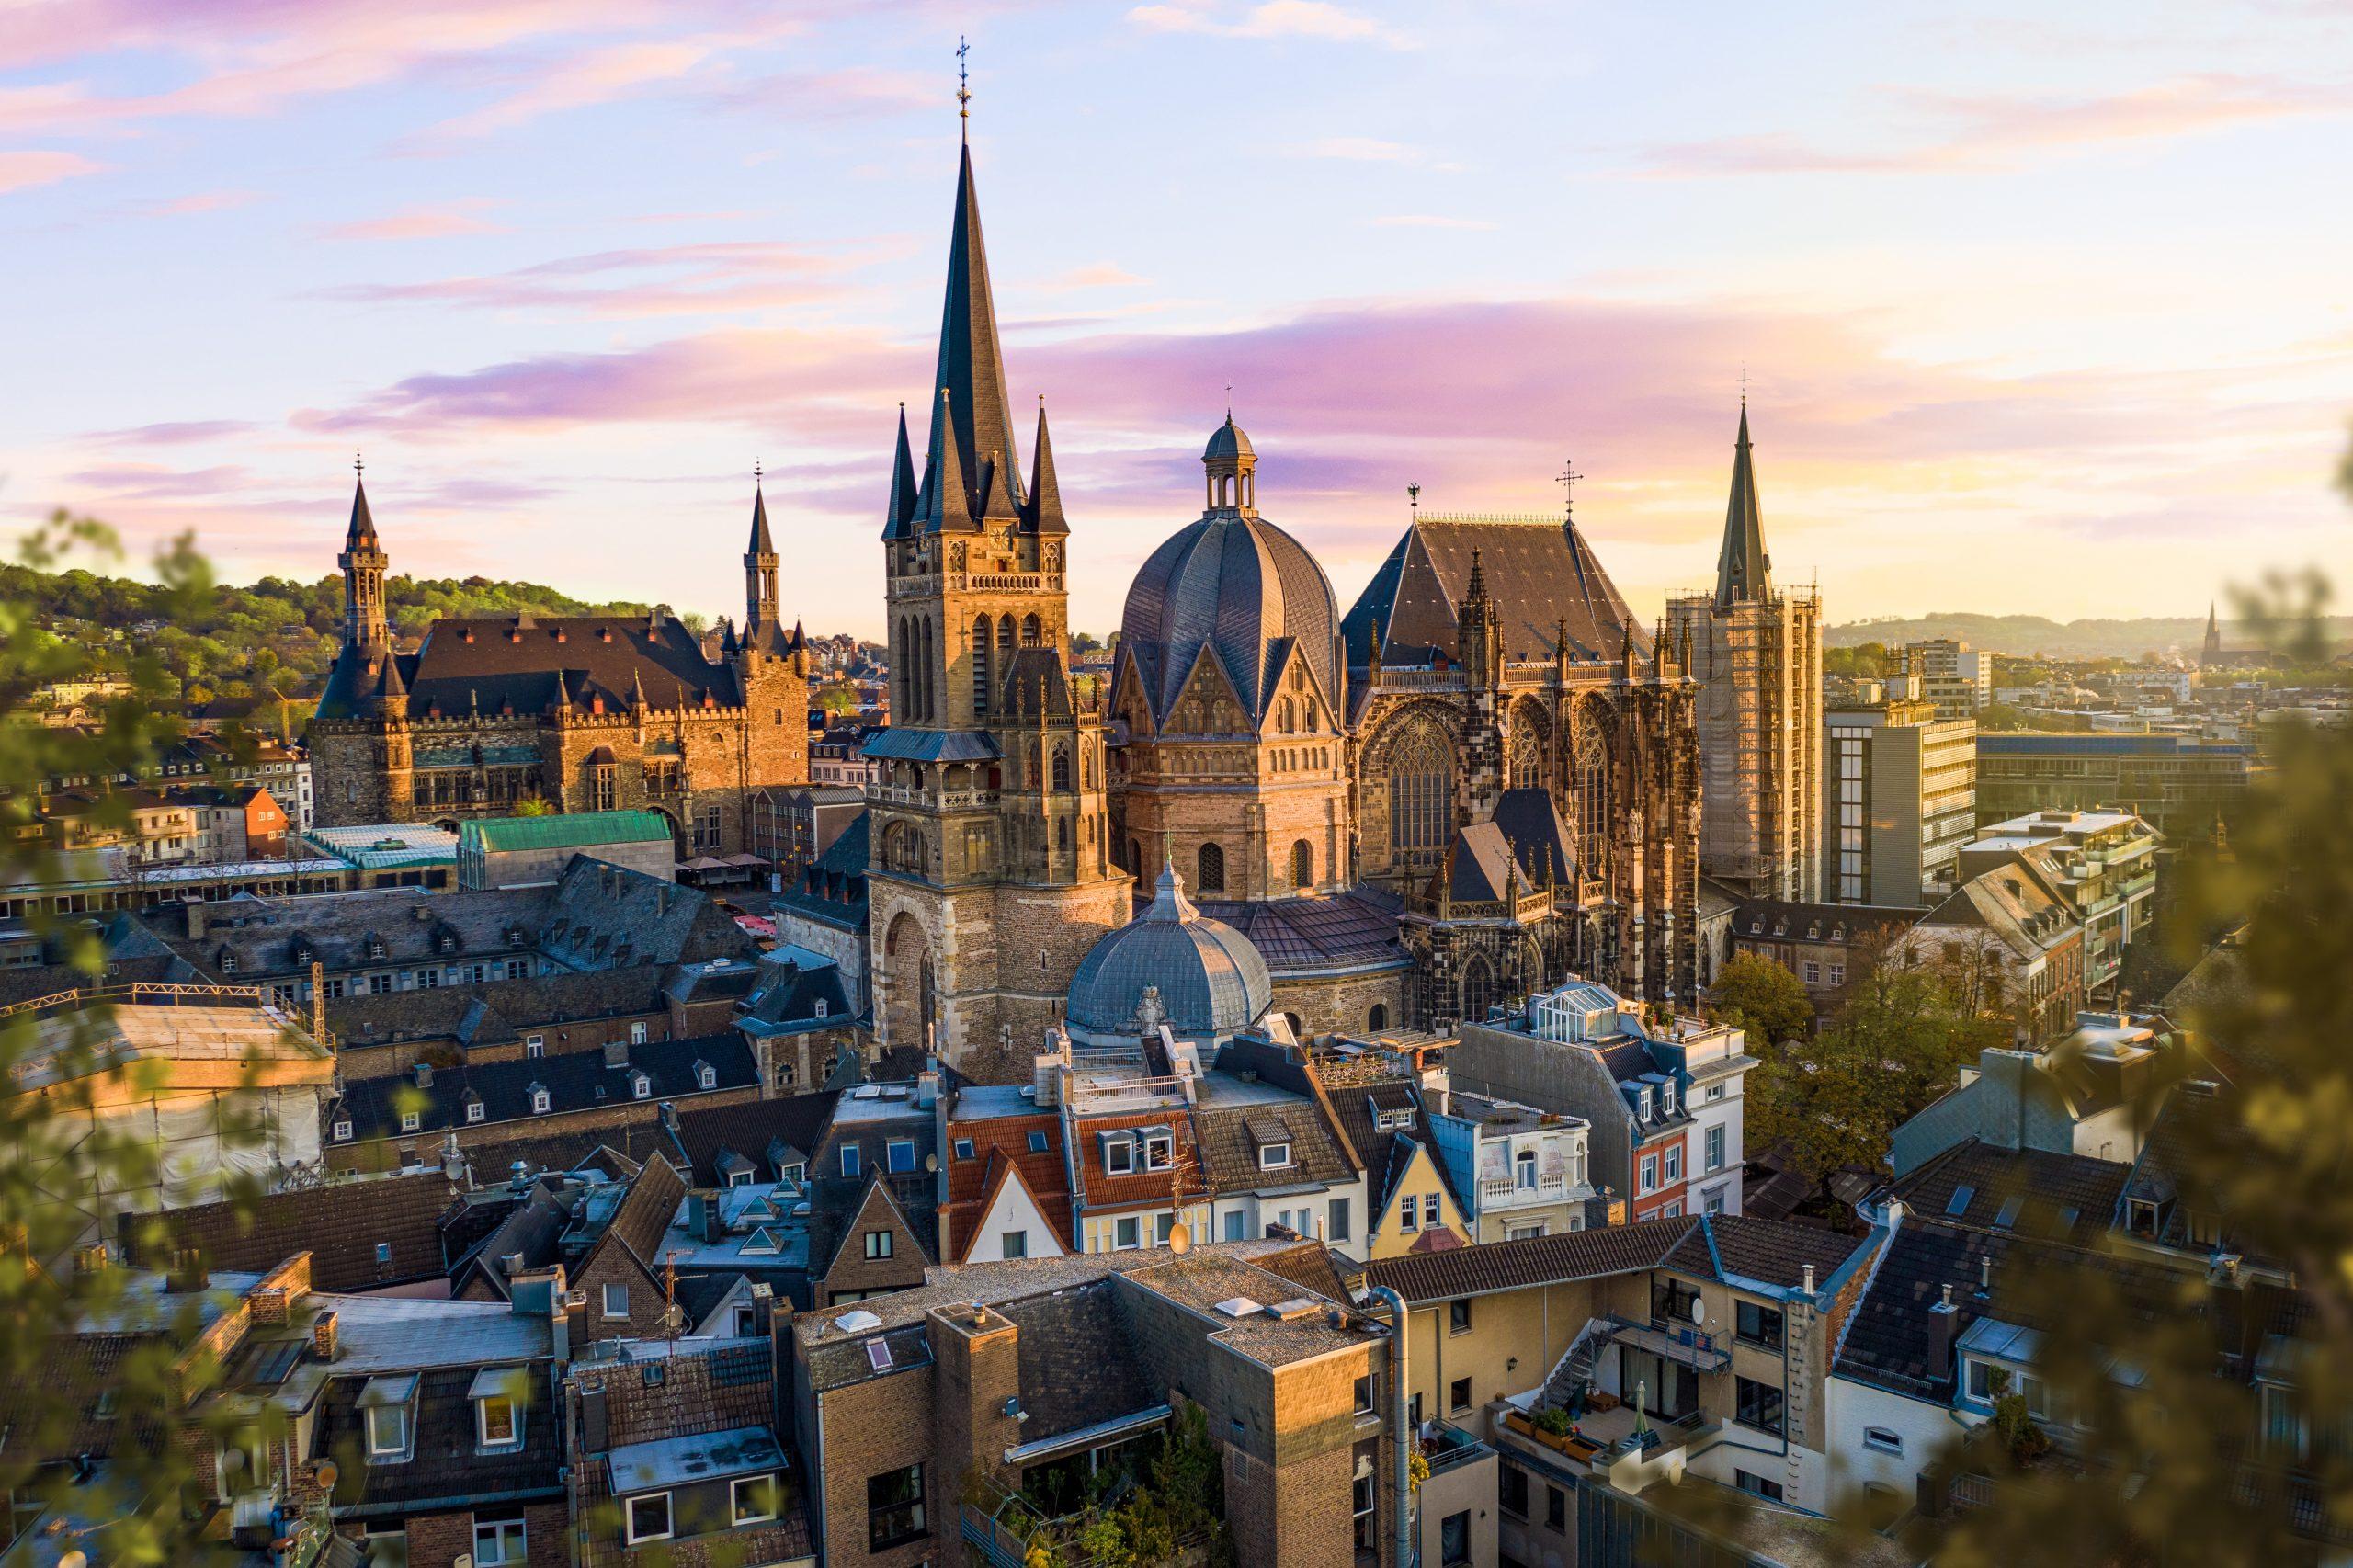 Aachen Innenstadt bei morgendlicher Stimmung, Sonnenaufgang